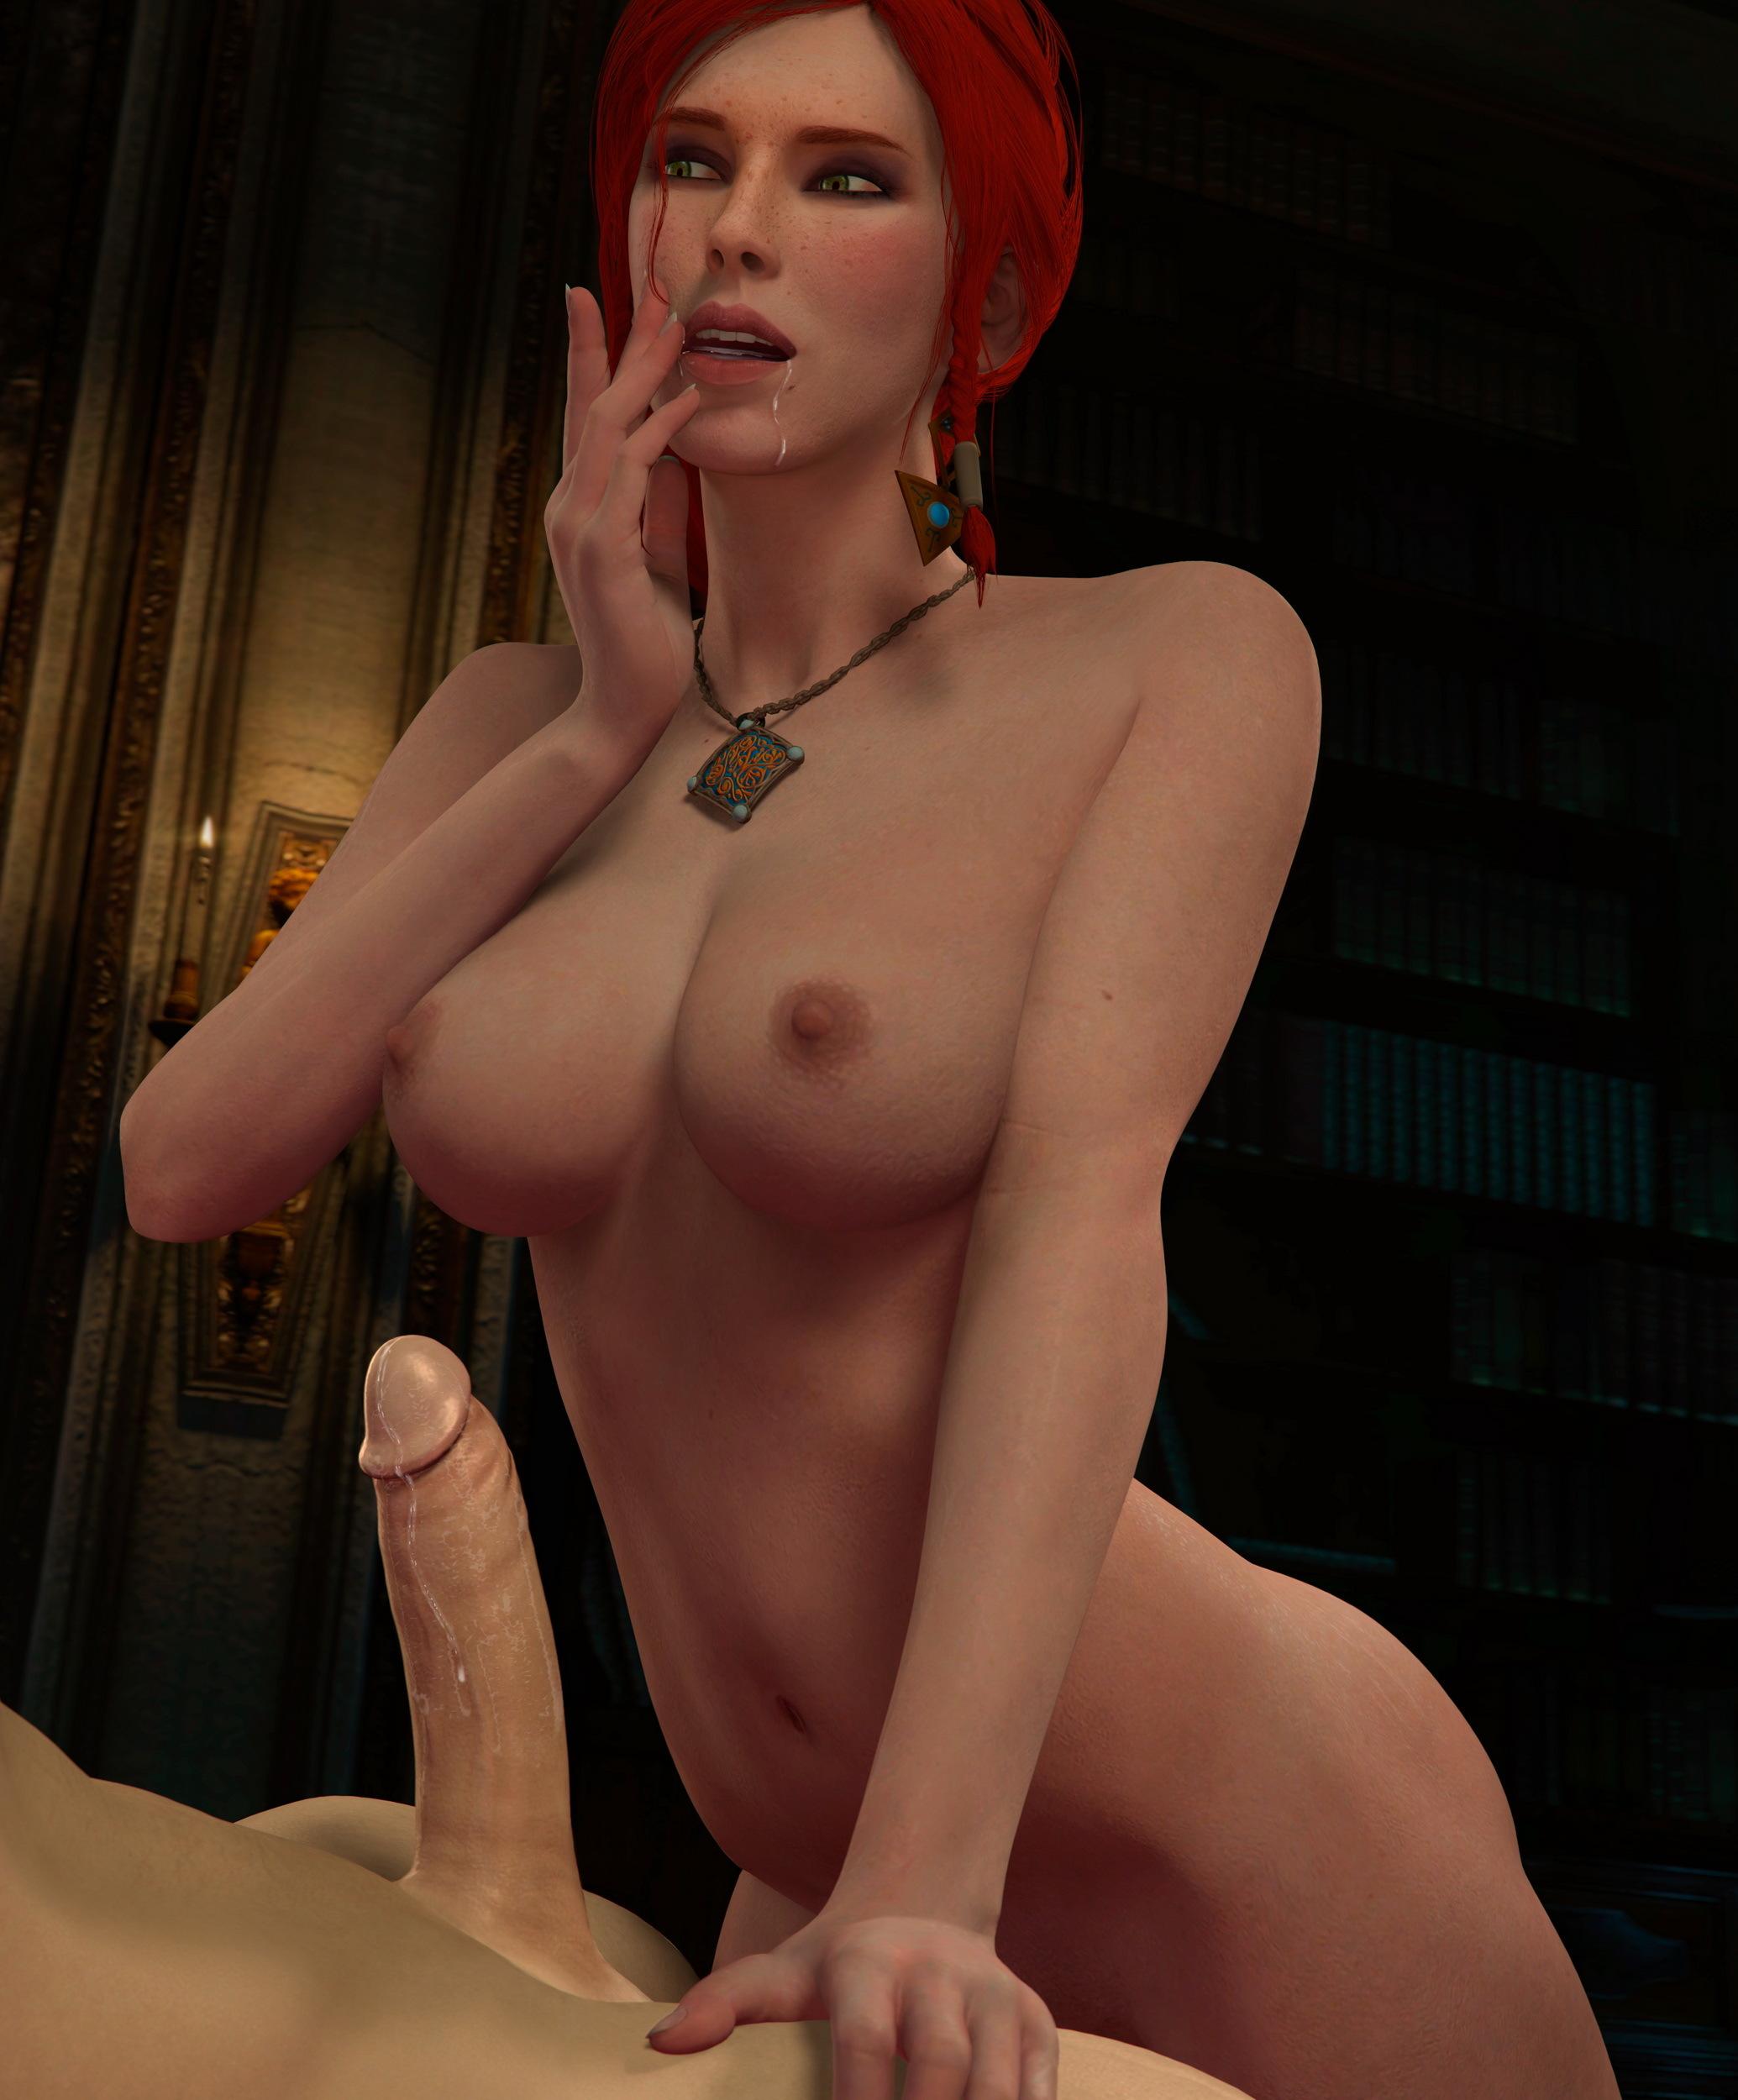 Rescraft - 3D Art Collection3.jpg